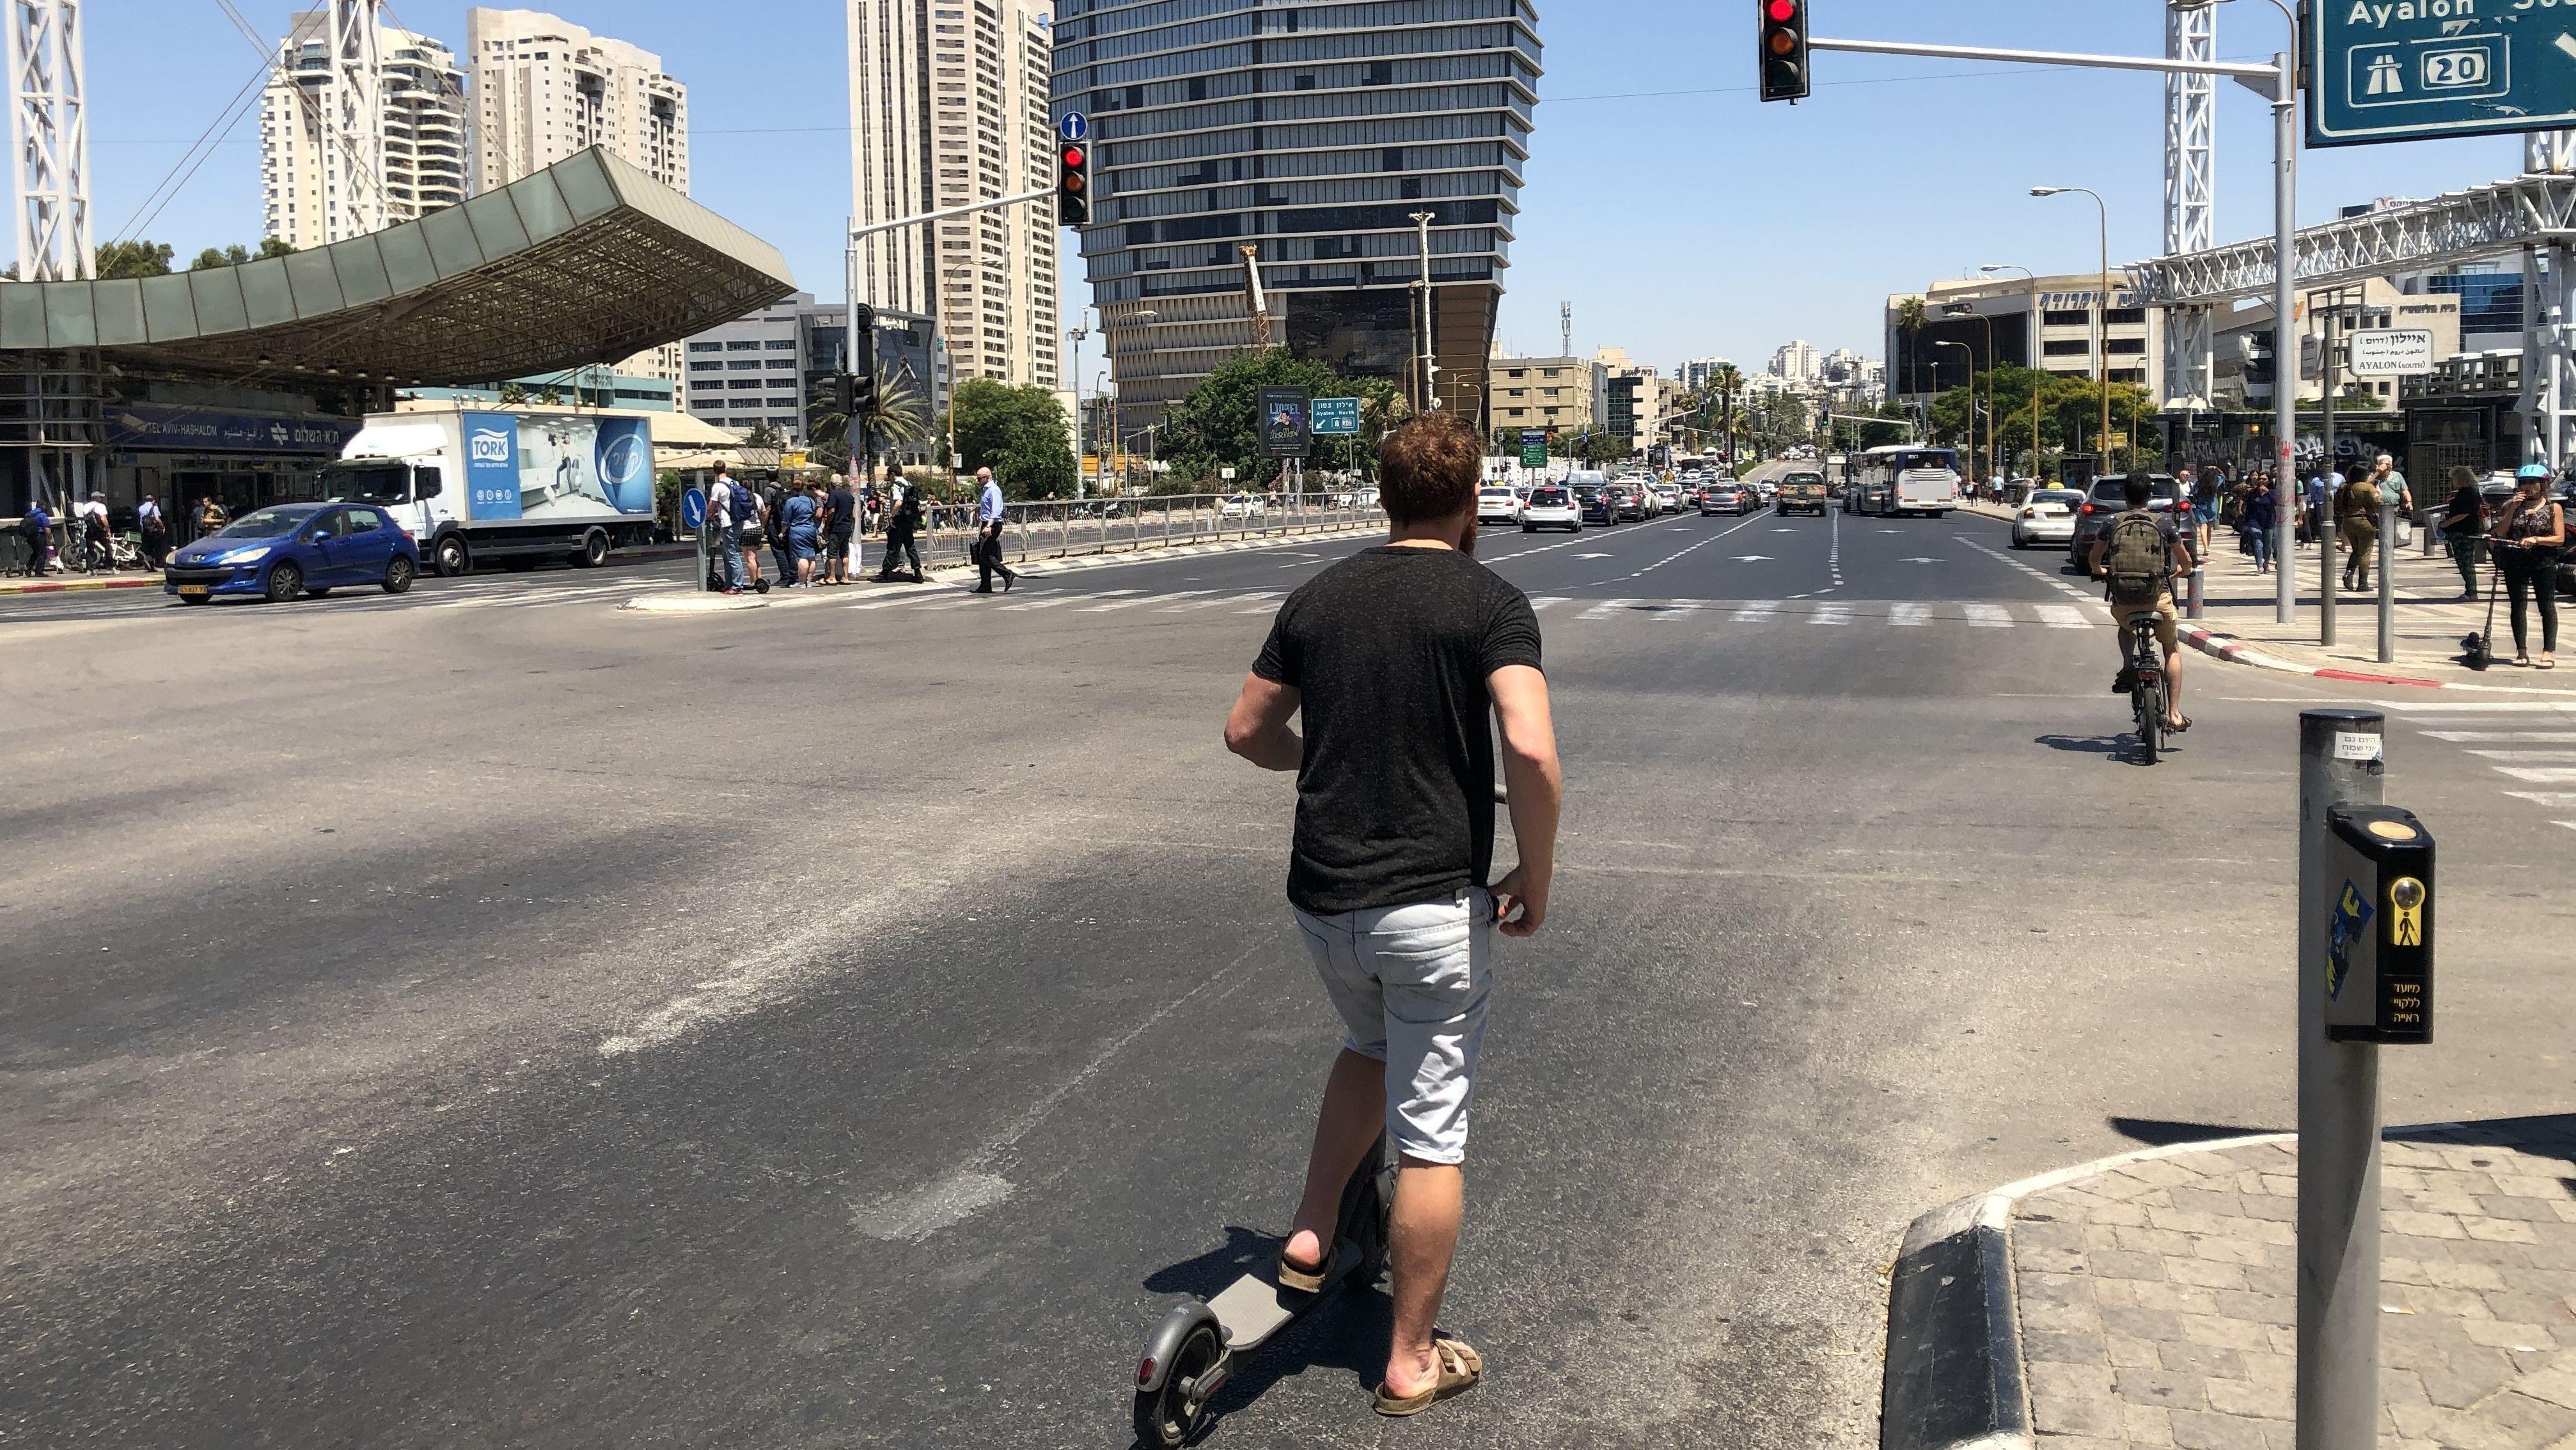 In Tel Aviv gilt für Fahrer von E-Scootern eigentlich eine Helmpflicht - aber viele halten sich nicht daran.